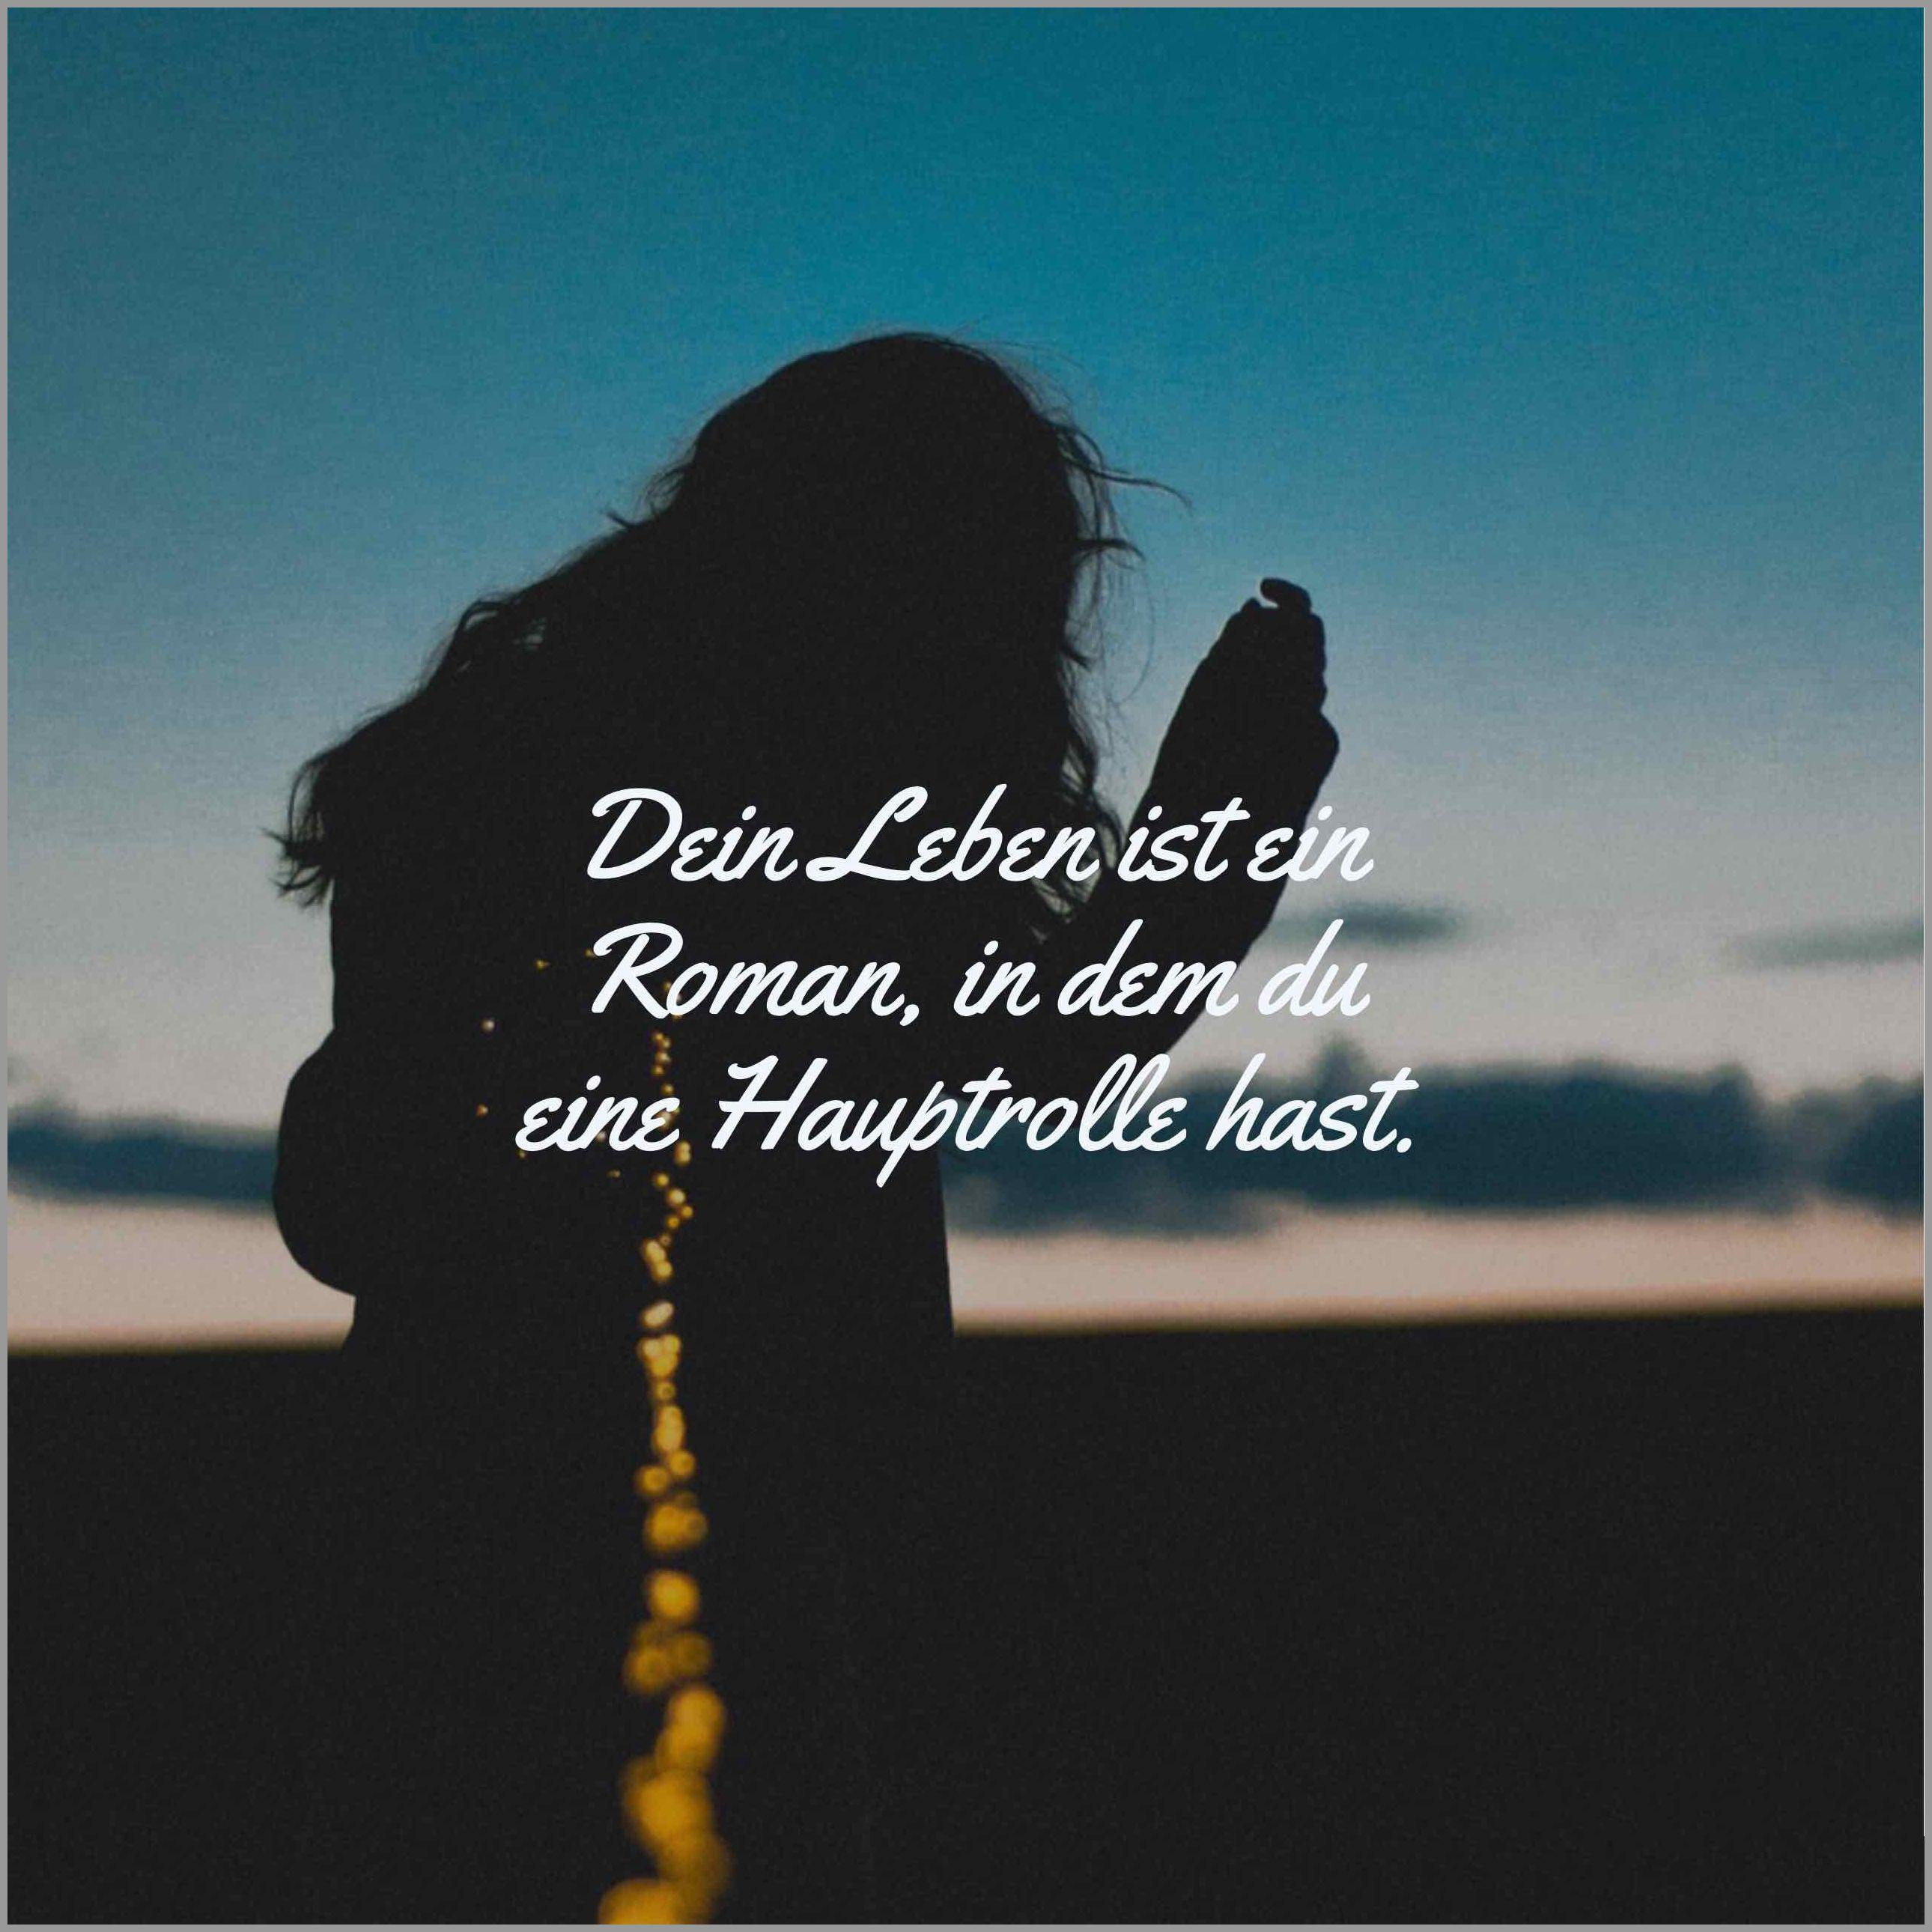 Dein leben ist ein roman in dem du eine hauptrolle hast - Dein leben ist ein roman in dem du eine hauptrolle hast